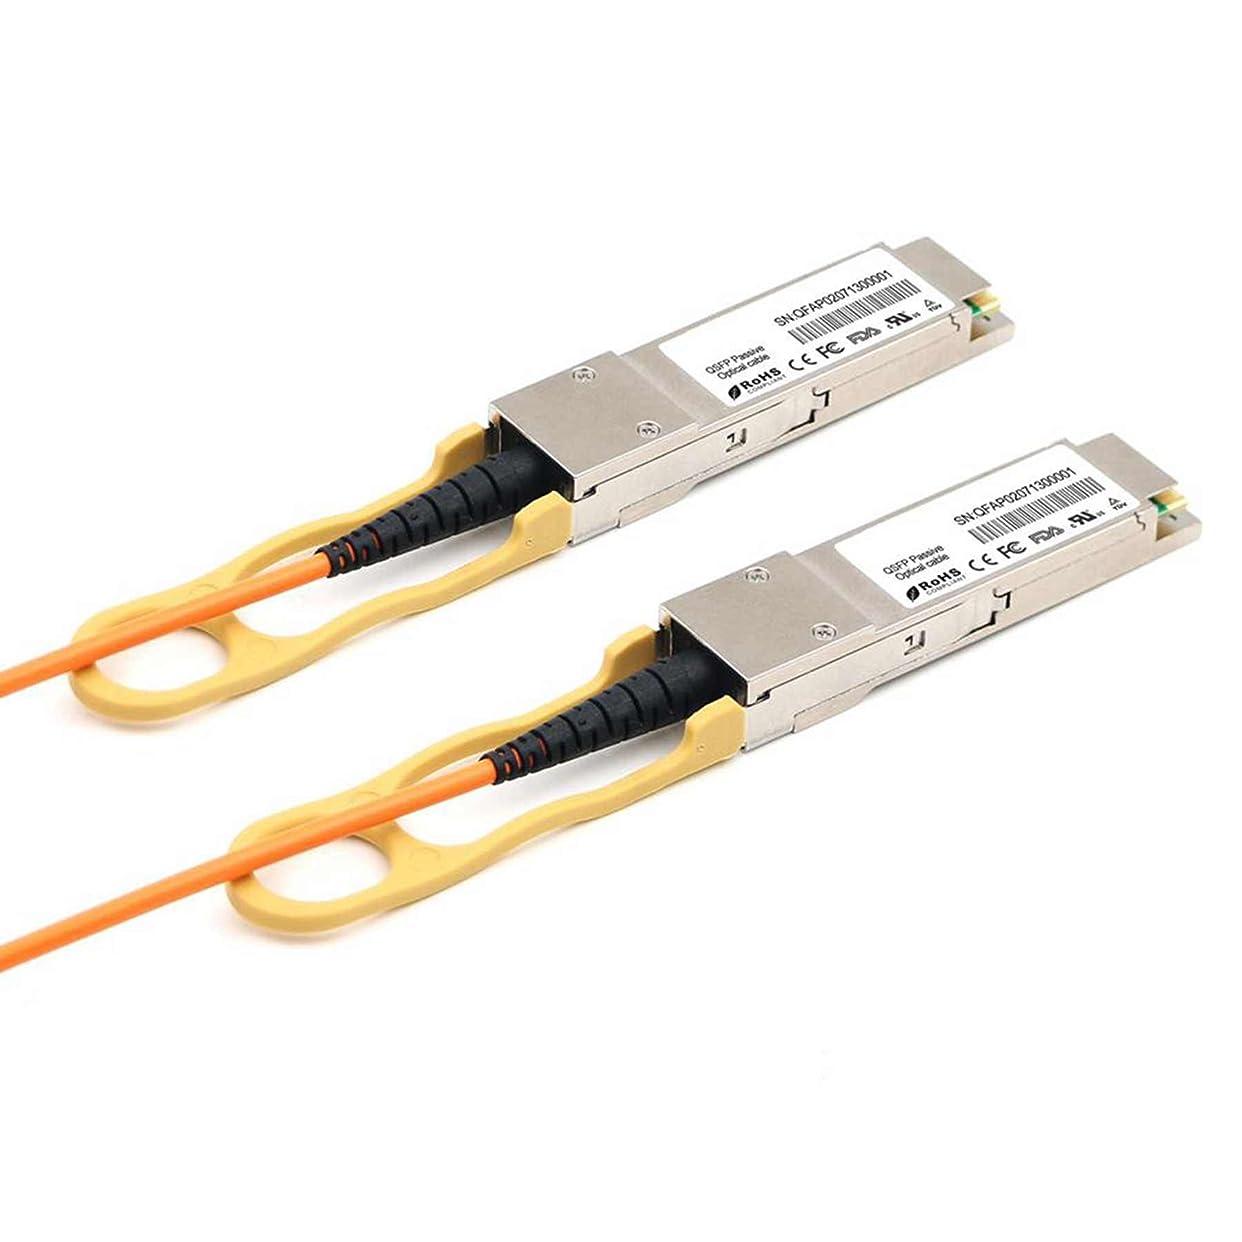 恥シャー回答LODFIBER MC2210310-005 Mellanox対応互換 5M 40GBASE QSFP+ AOCアクティブ光ファイバケーブル